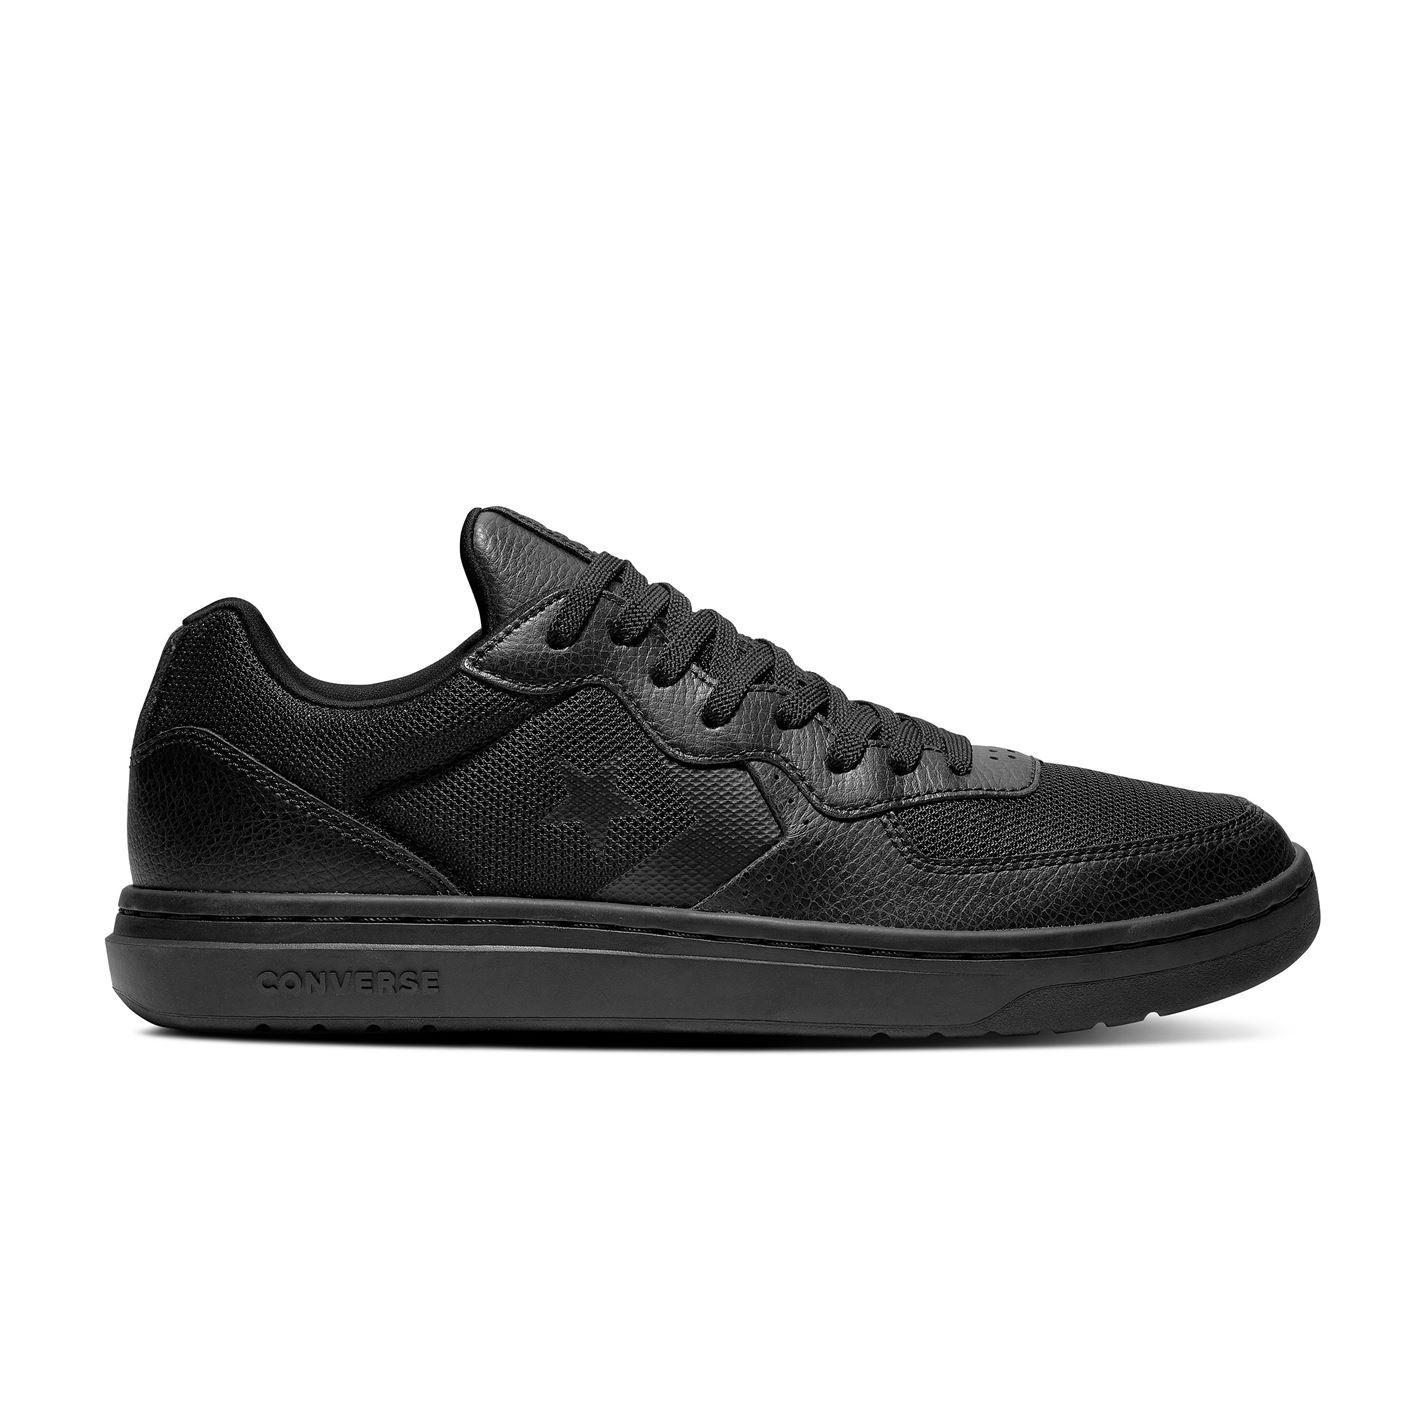 Converse-Rival-Baskets-Pour-Homme-Chaussures-De-Loisirs-Chaussures-Baskets miniature 7